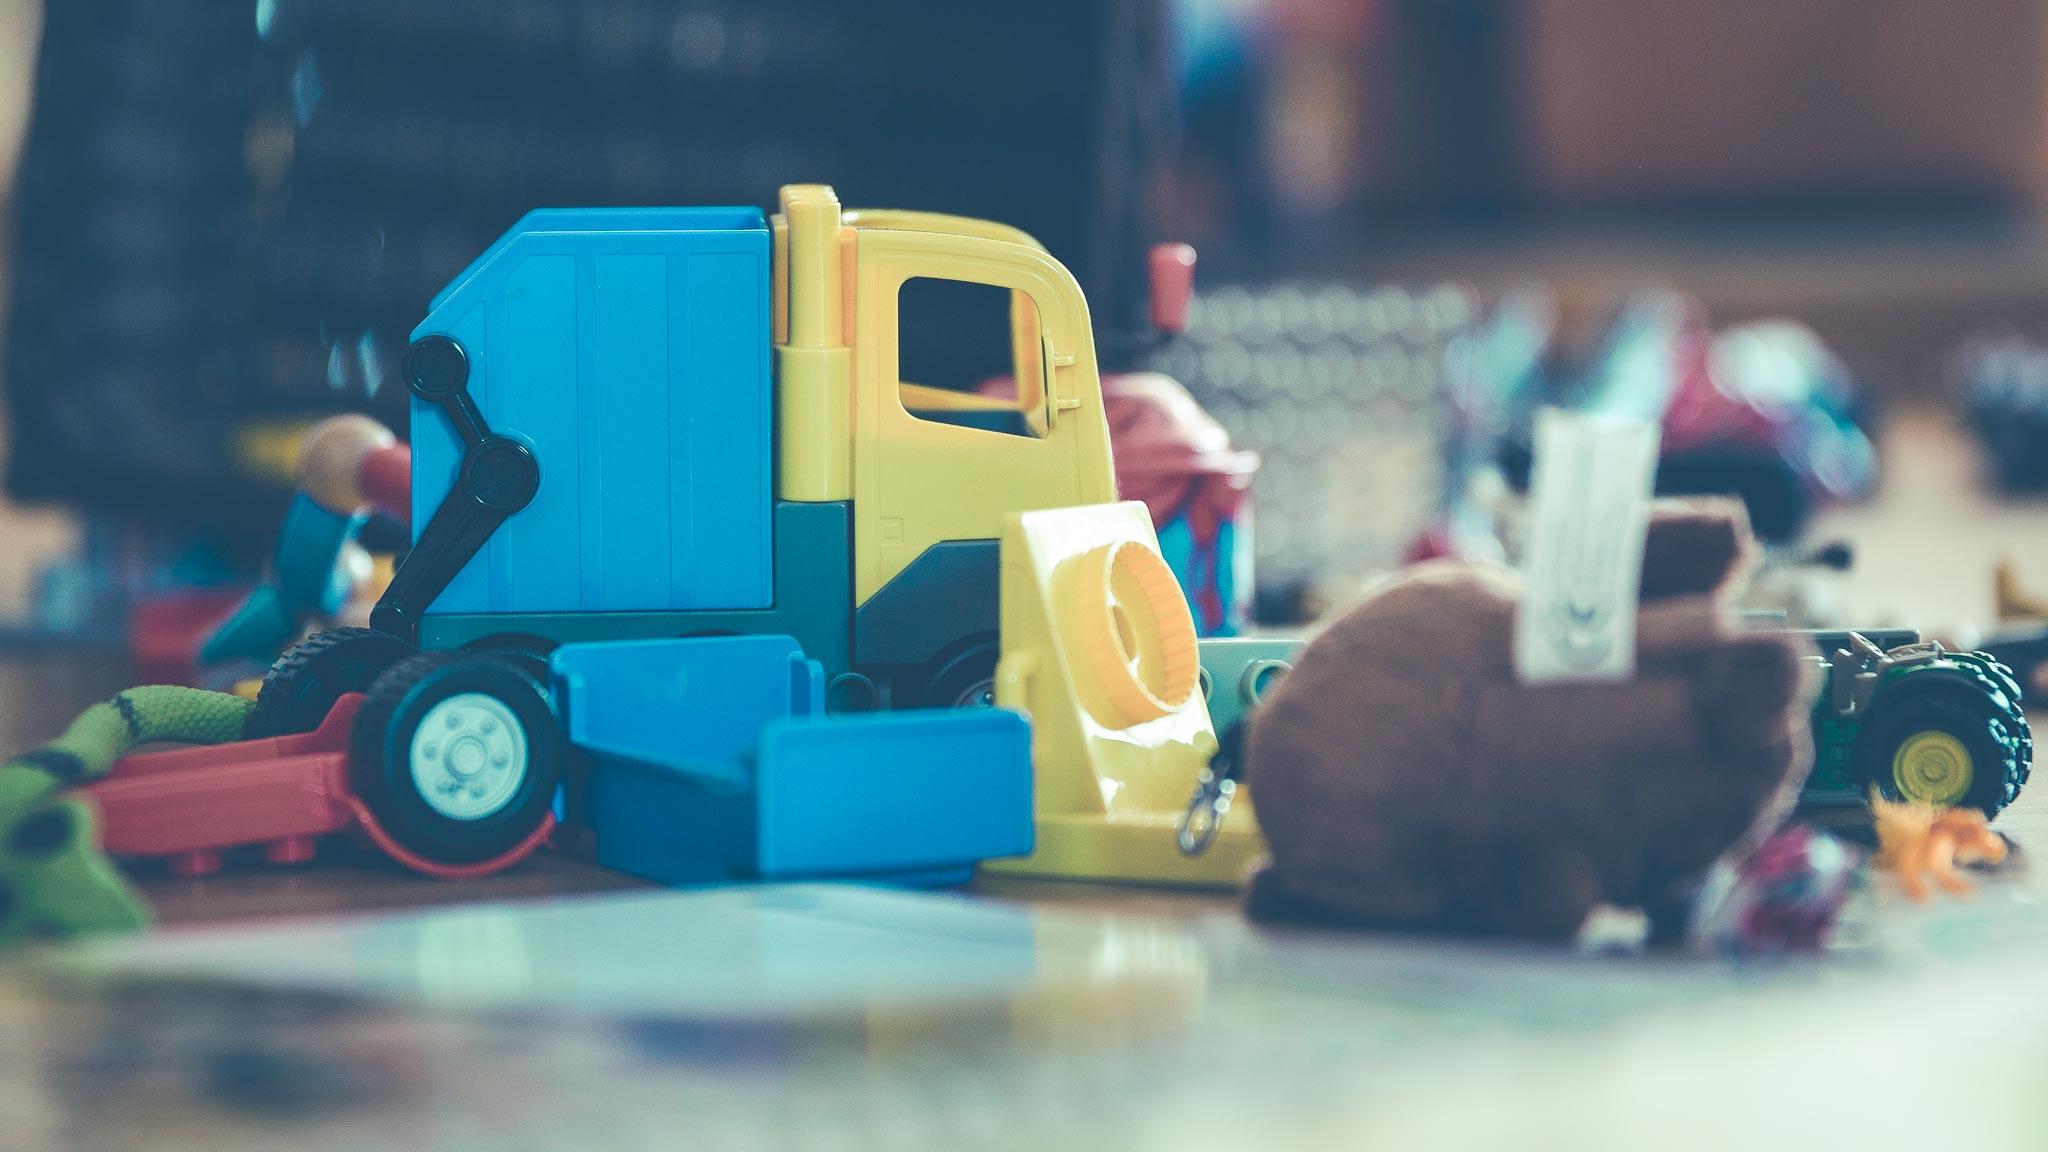 Barn efterfrågar hållbara leksaker